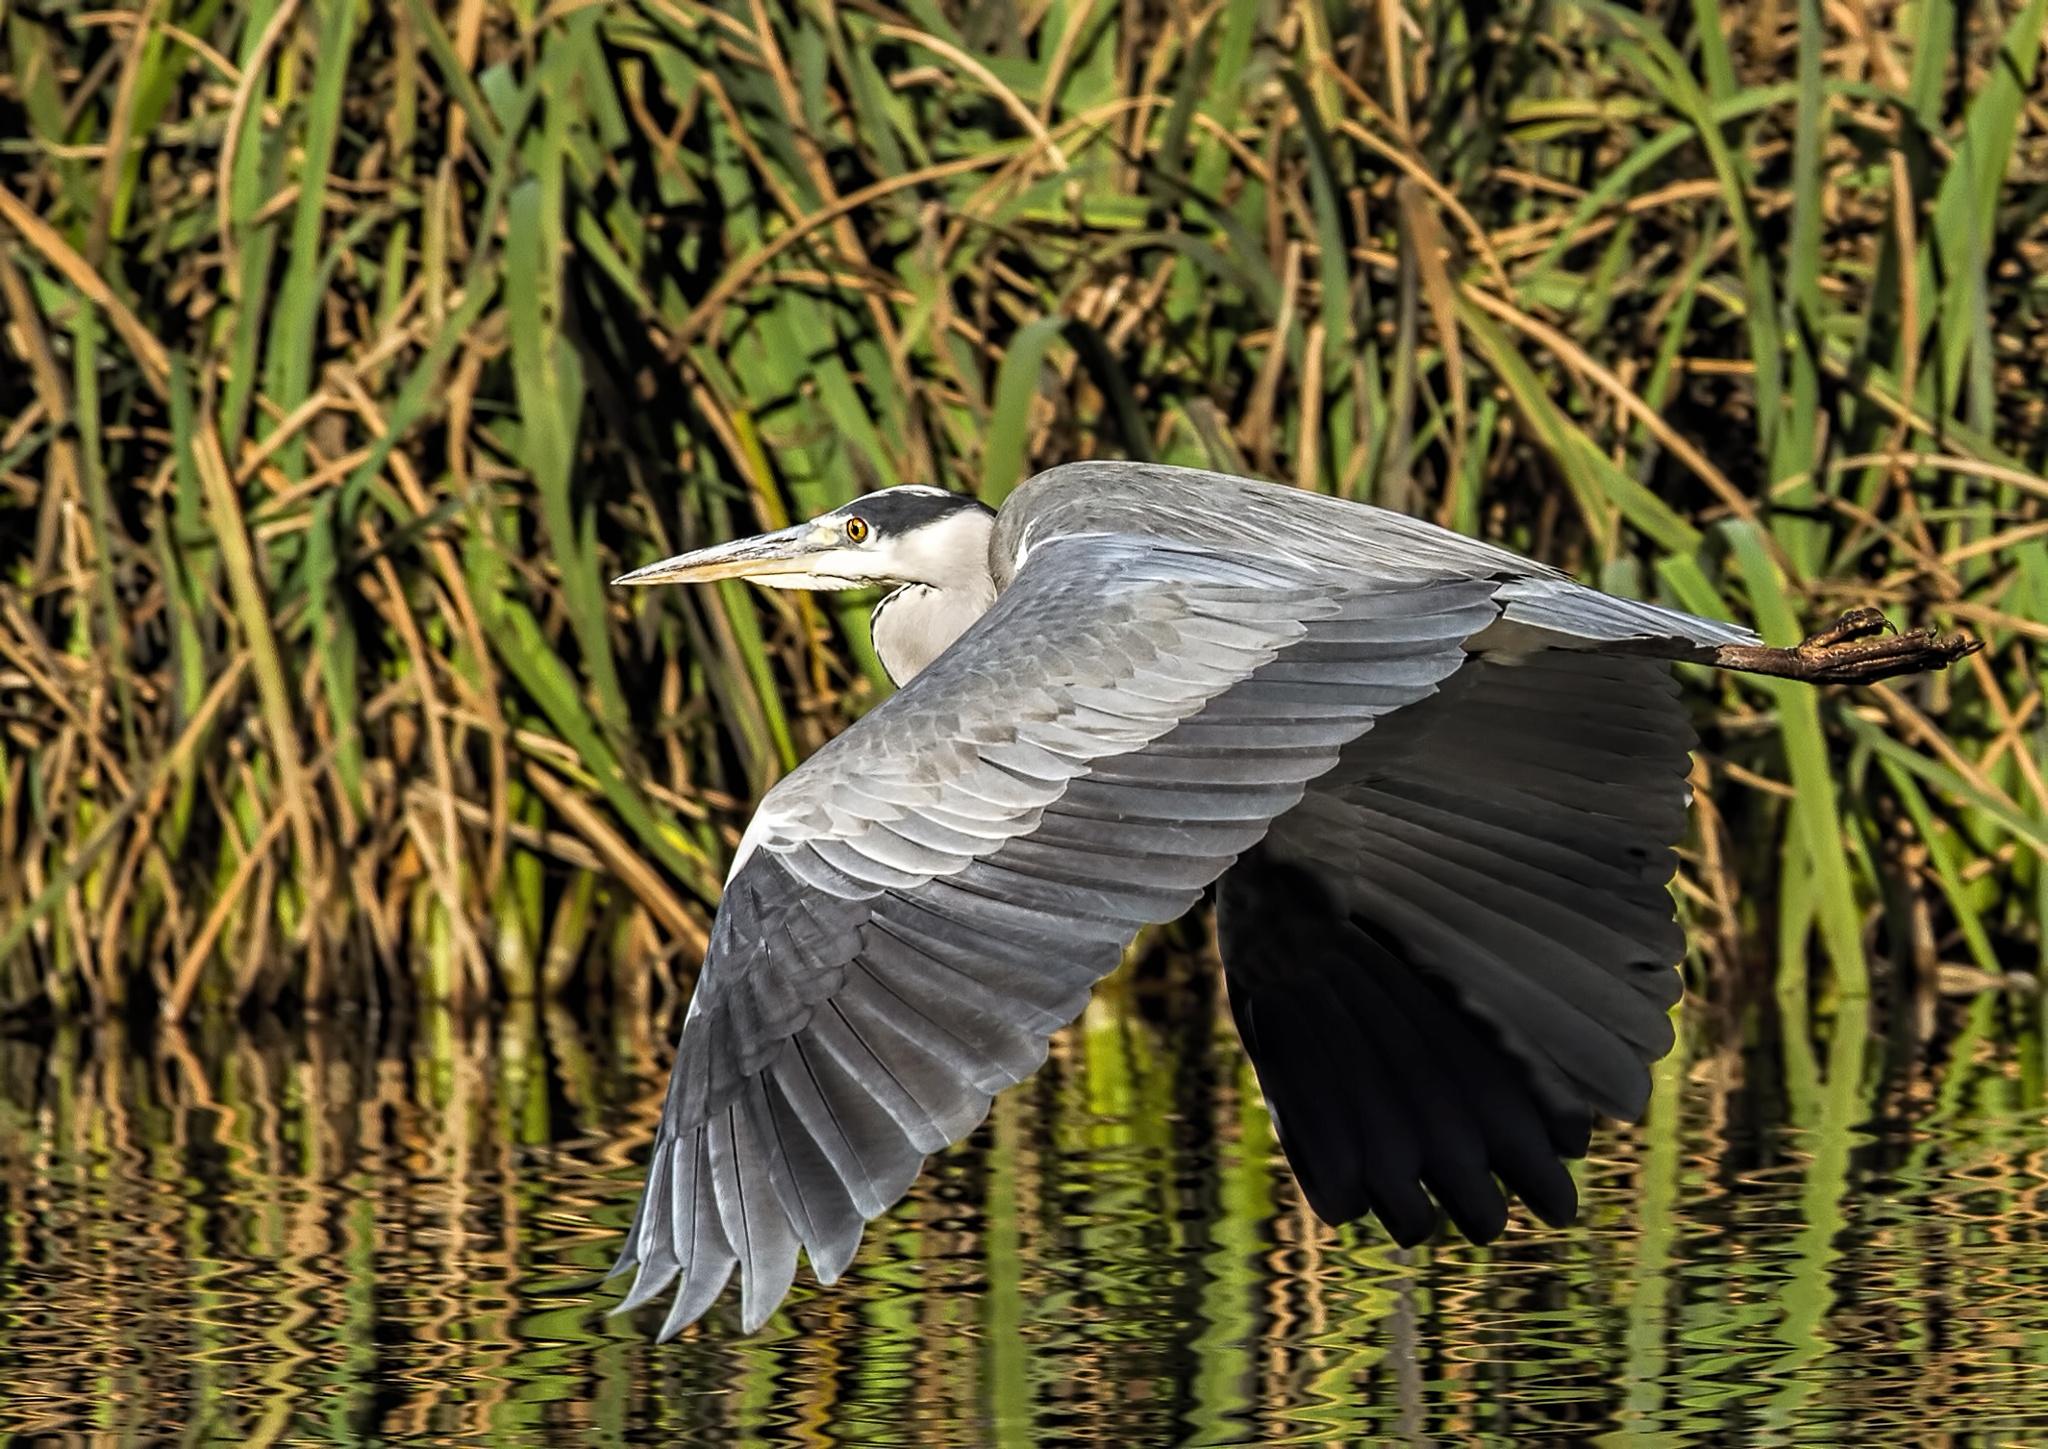 Heron in flight by mike59